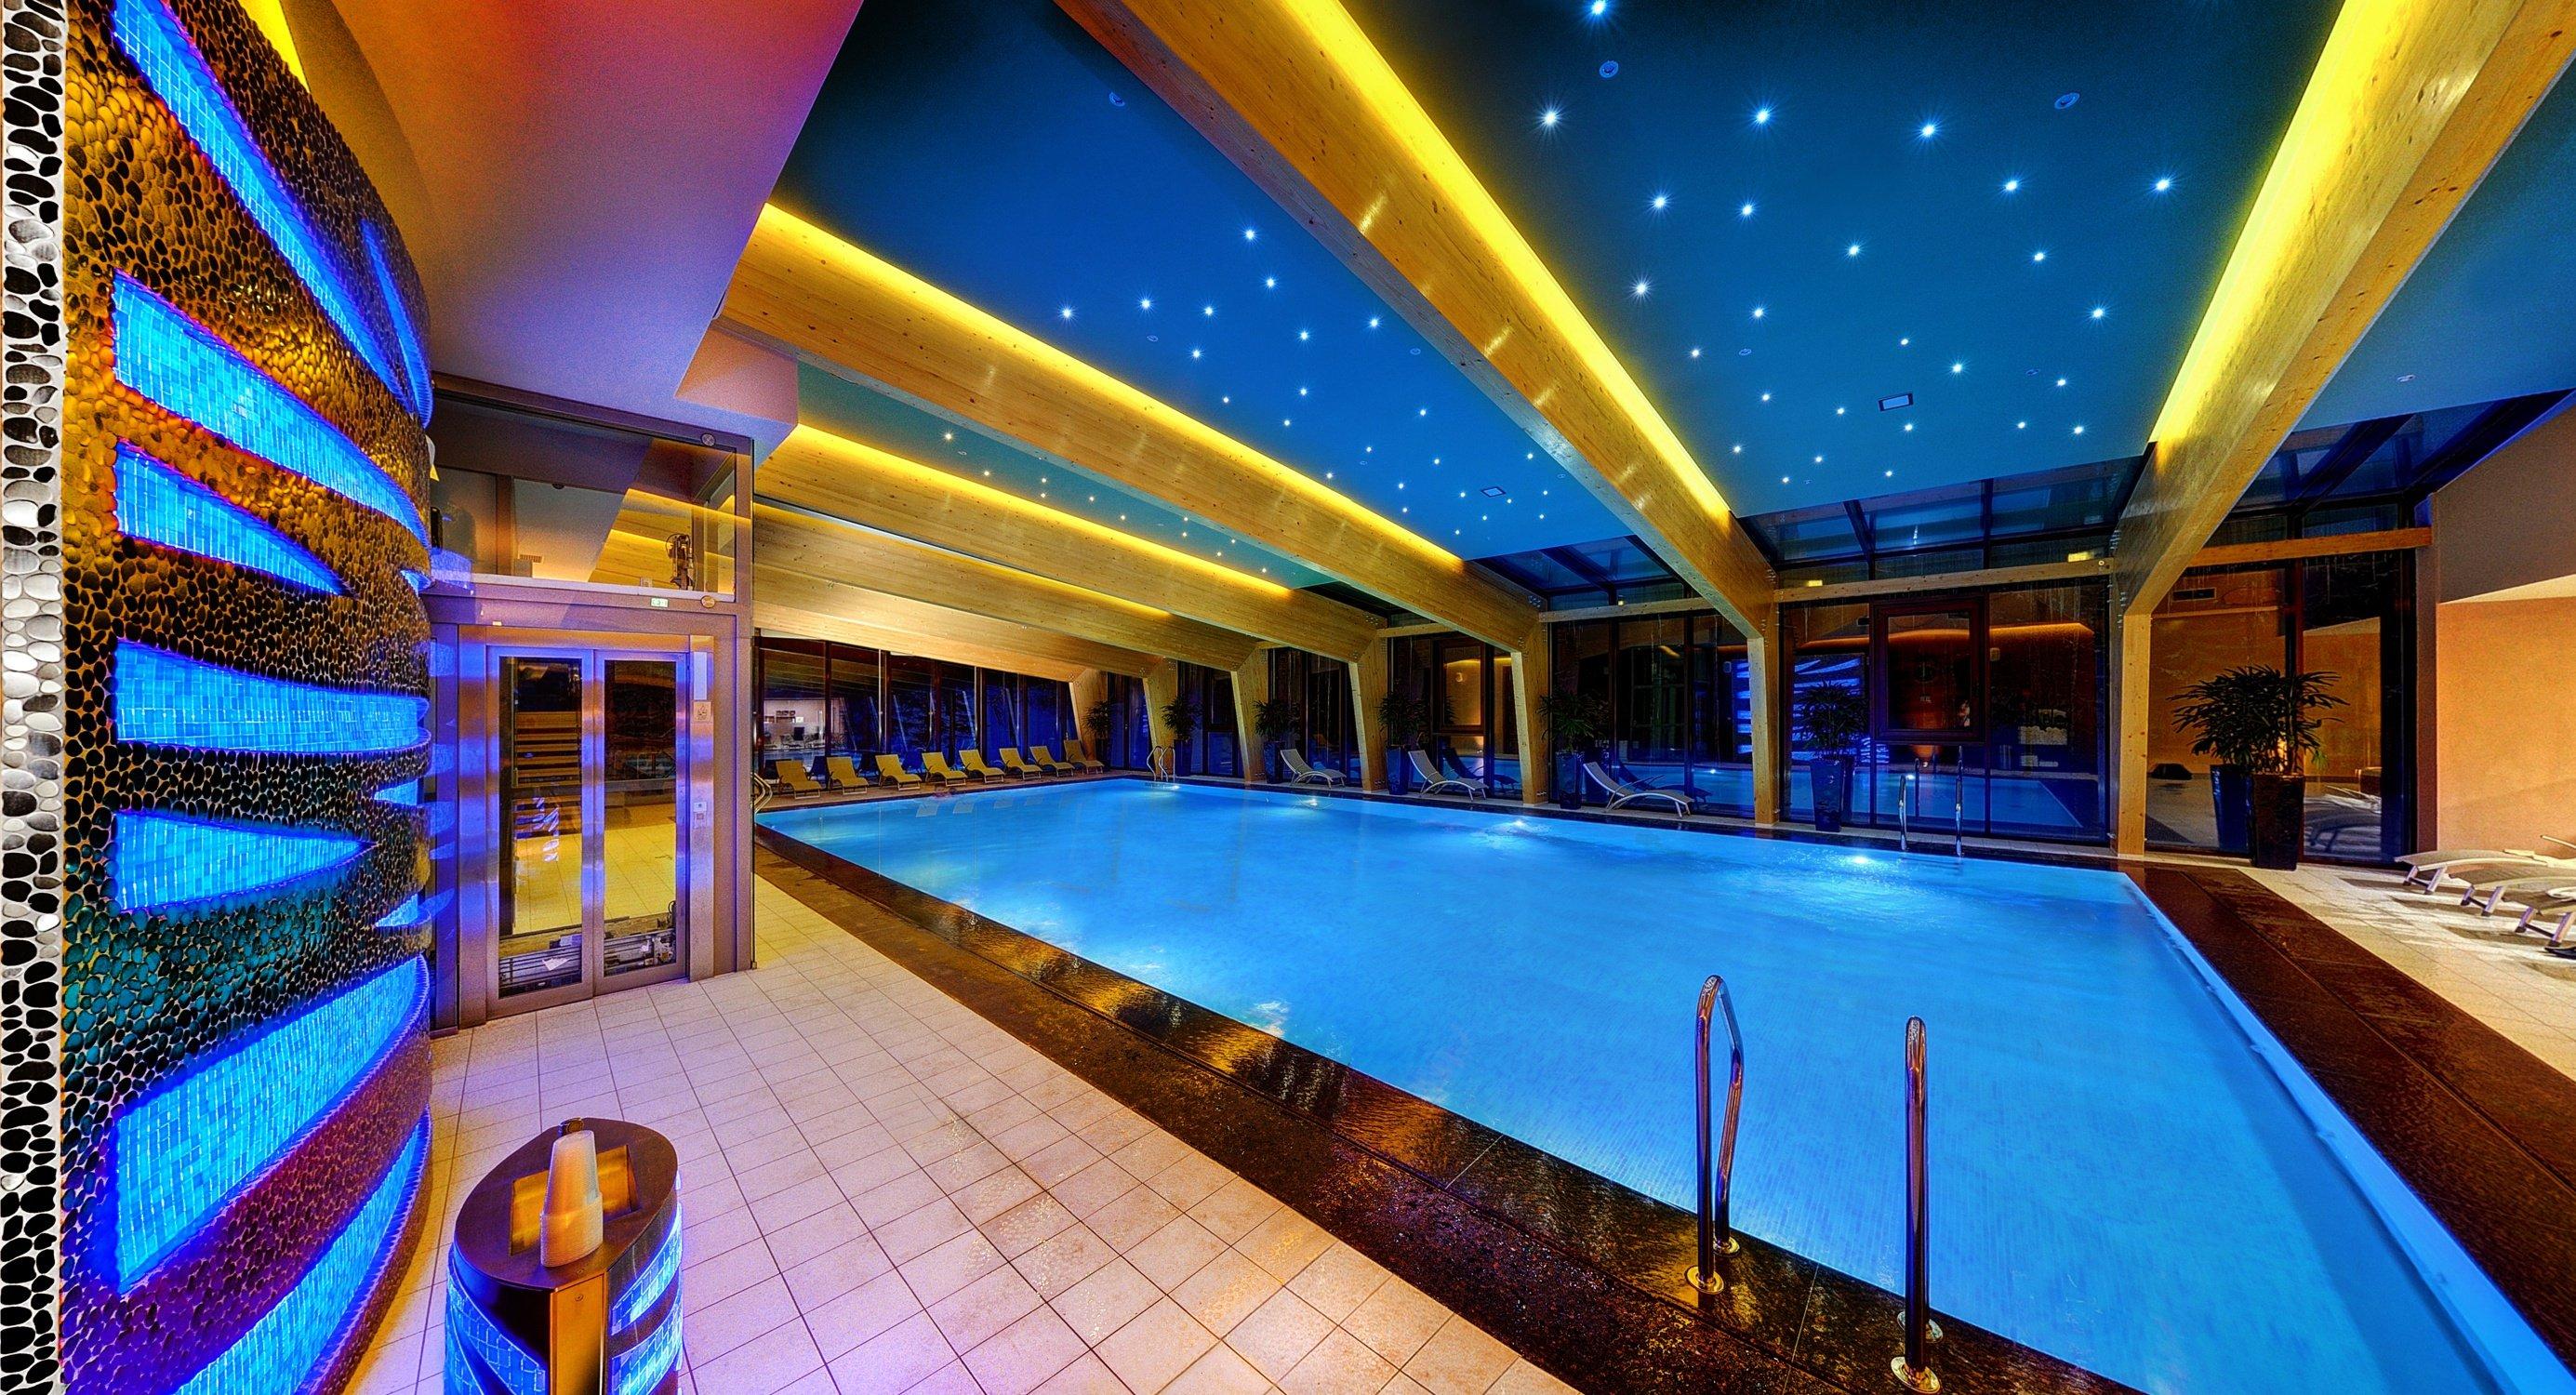 Pool And Sauna World Prasli U010dka Wellness Hotel Chopok